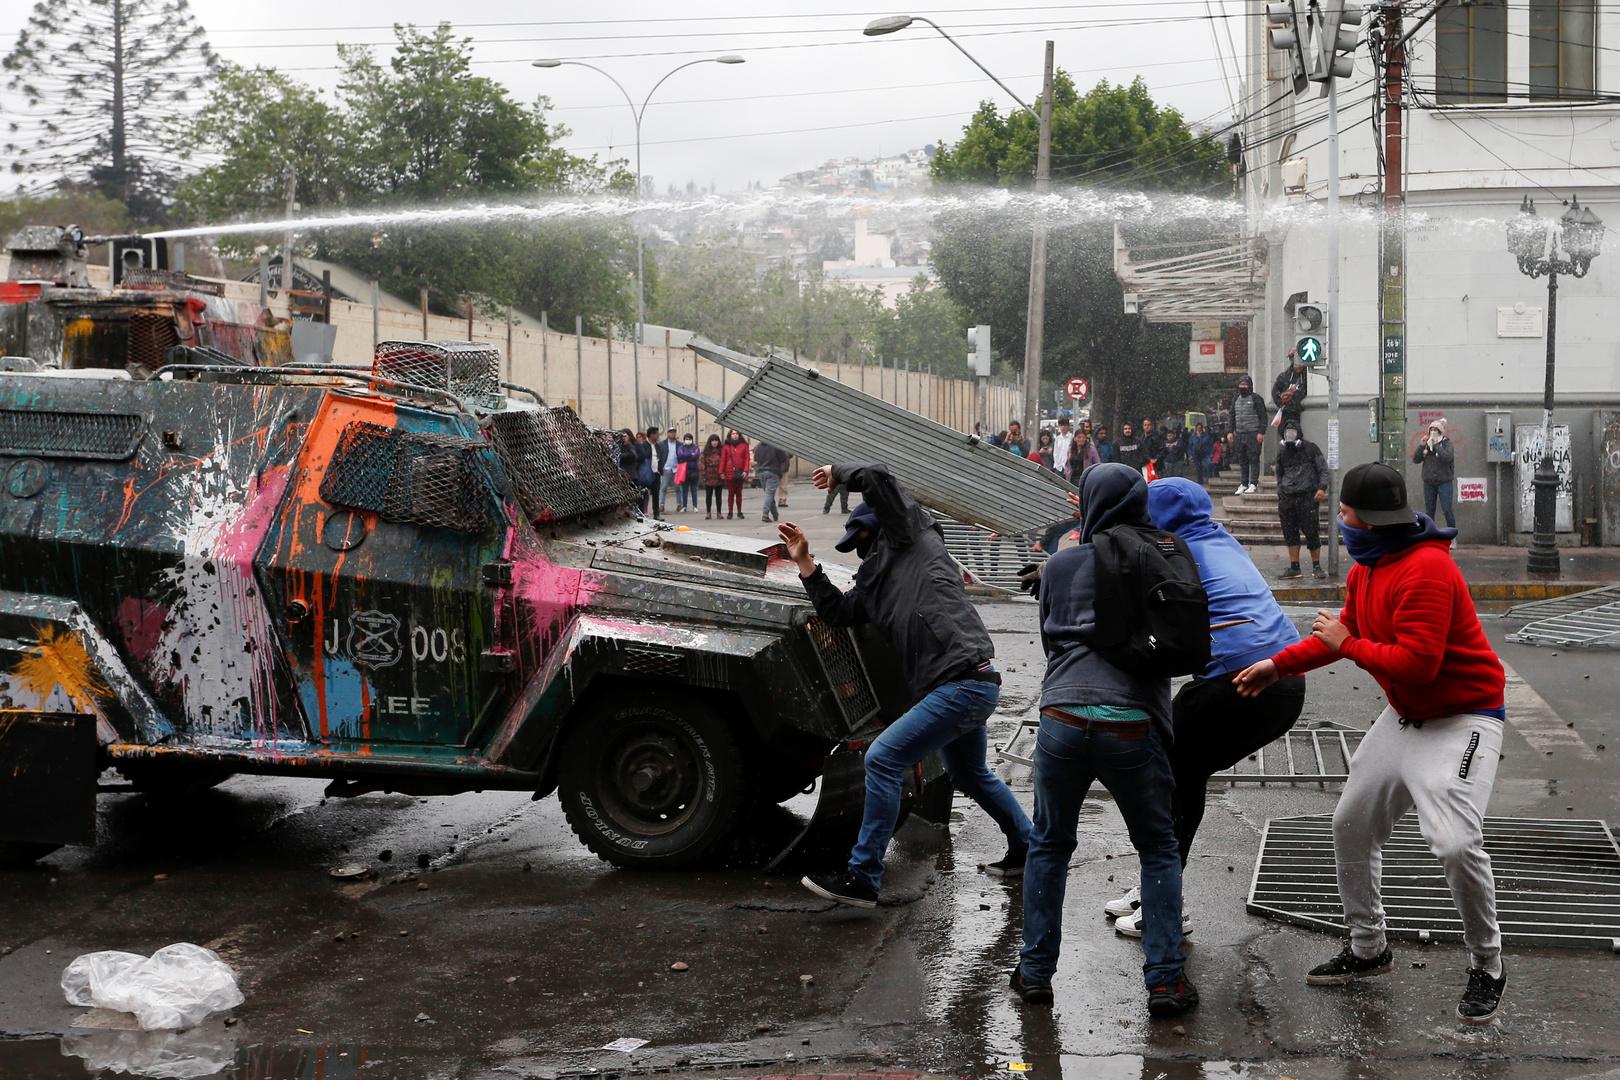 تشيلي تعد دستورا جديدا استجابة لمطالب المحتجين بدل الدستور الذي وضعه الديكتاتور بينوشيه